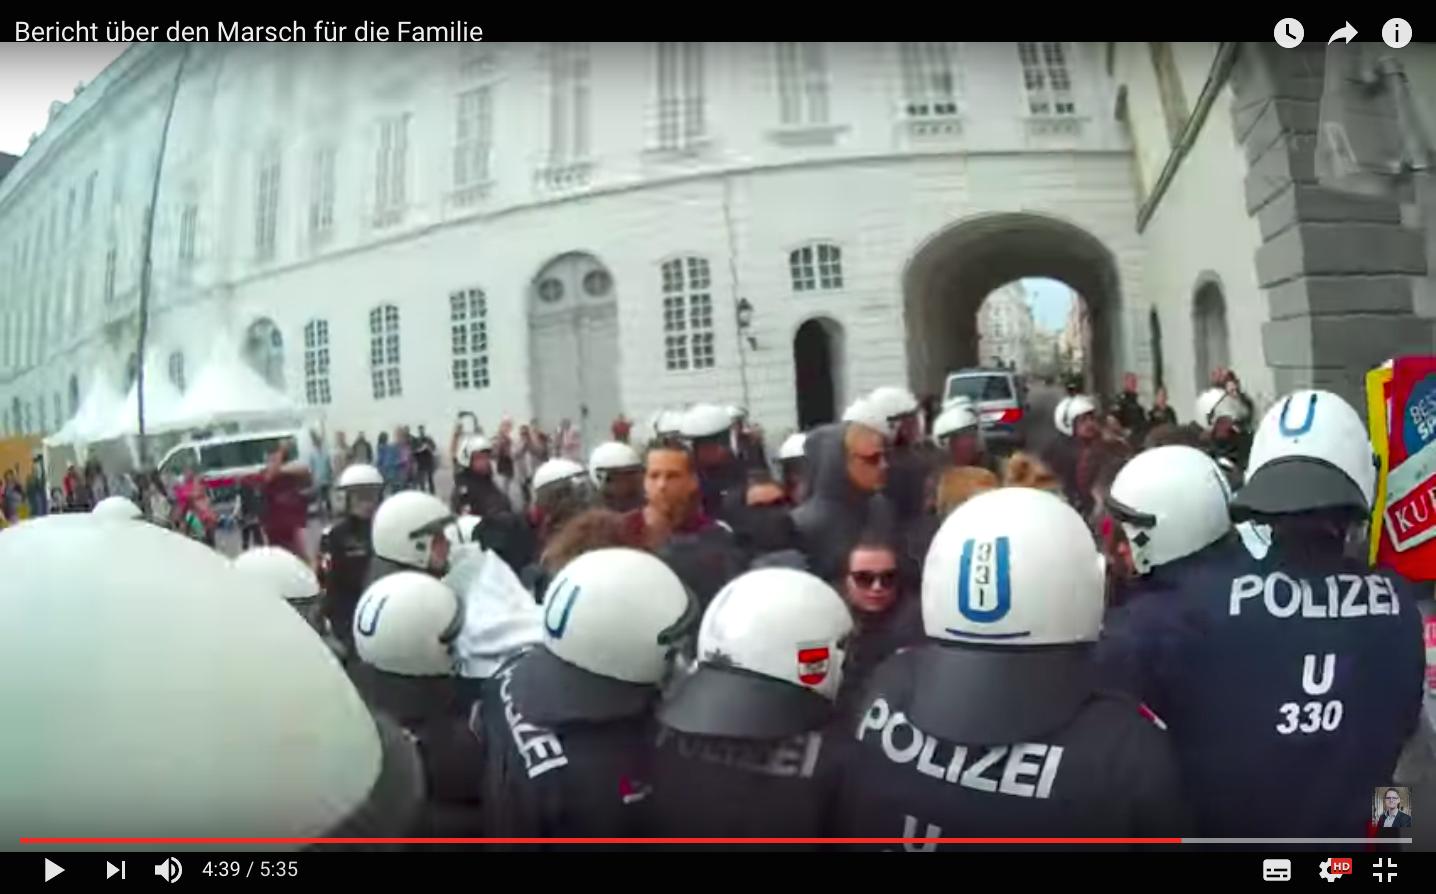 Watch Die Familie 2017 Online: Video: Marsch Für Die Familie